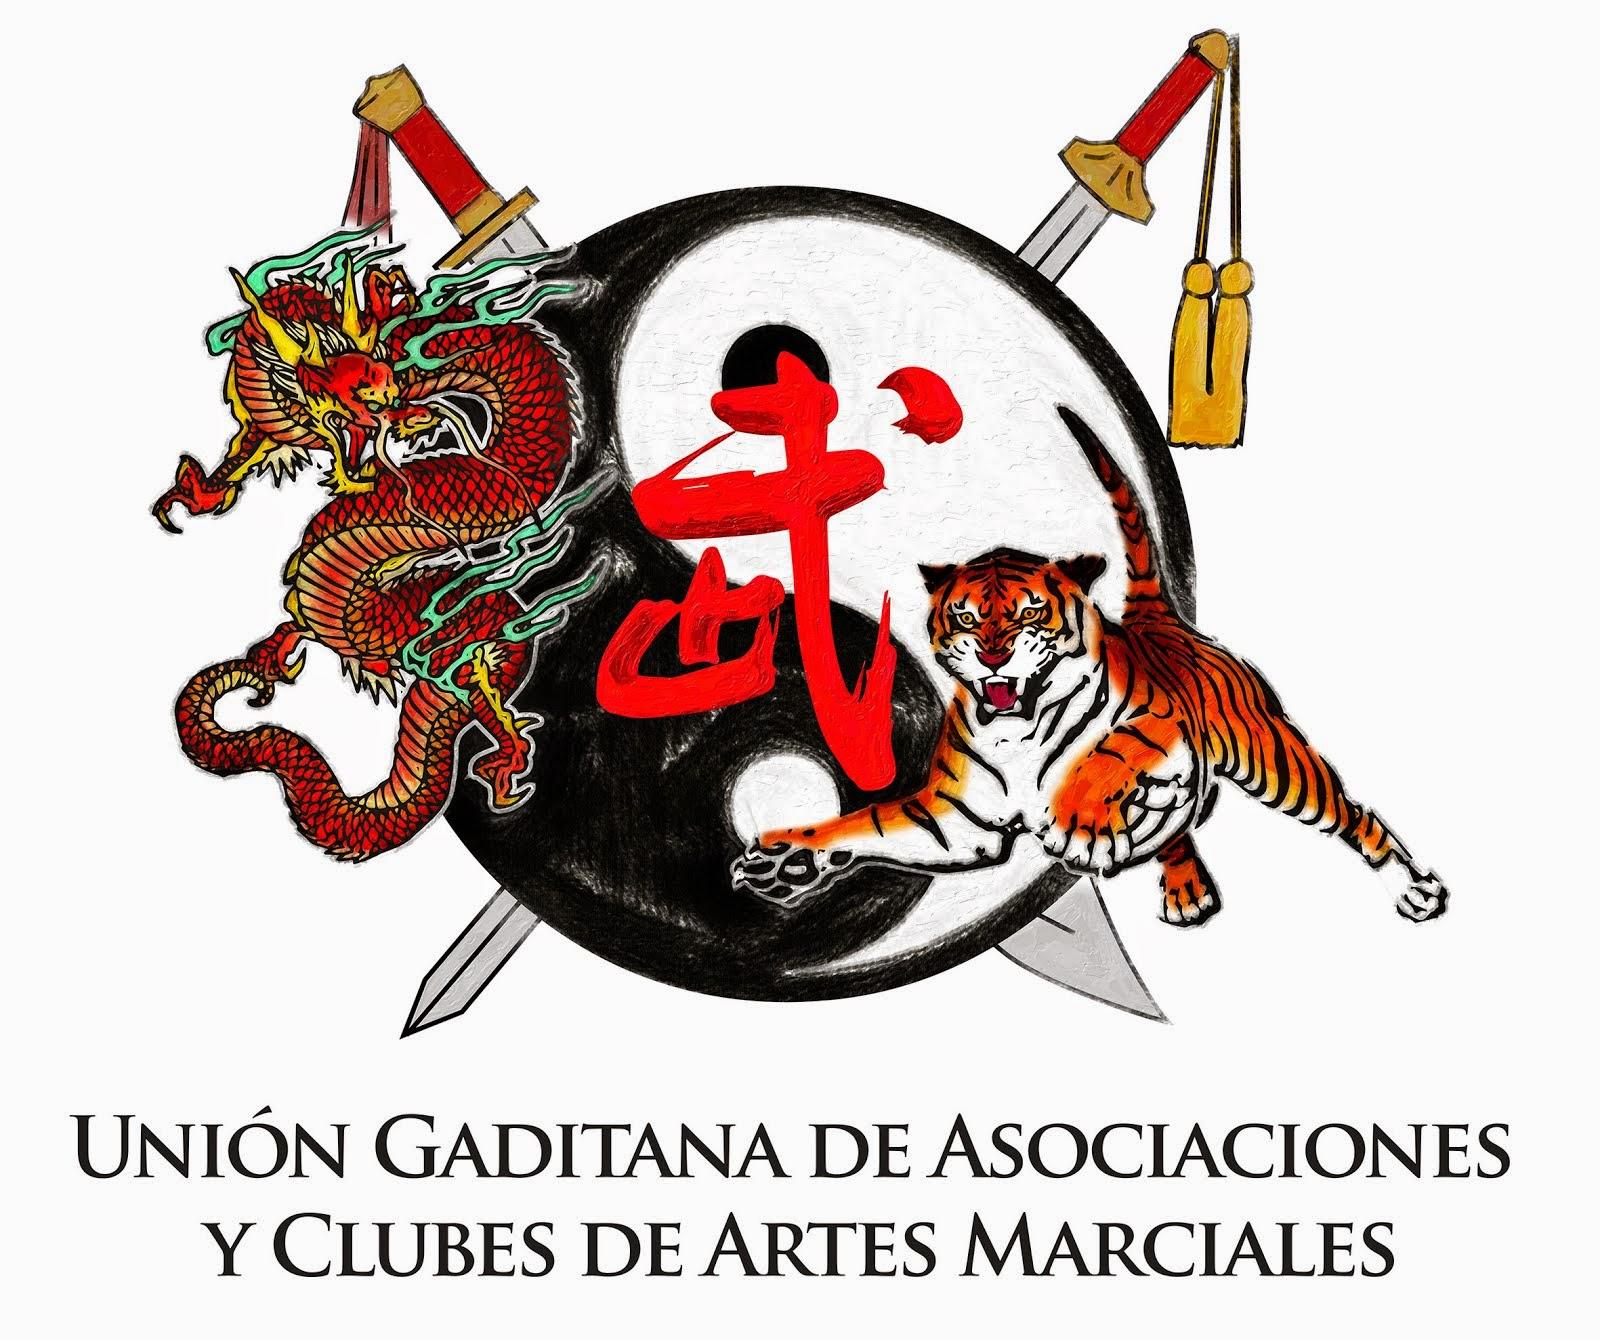 Escudo de la Unión Gaditana de Asociaciones y Clubes de Artes Marciales